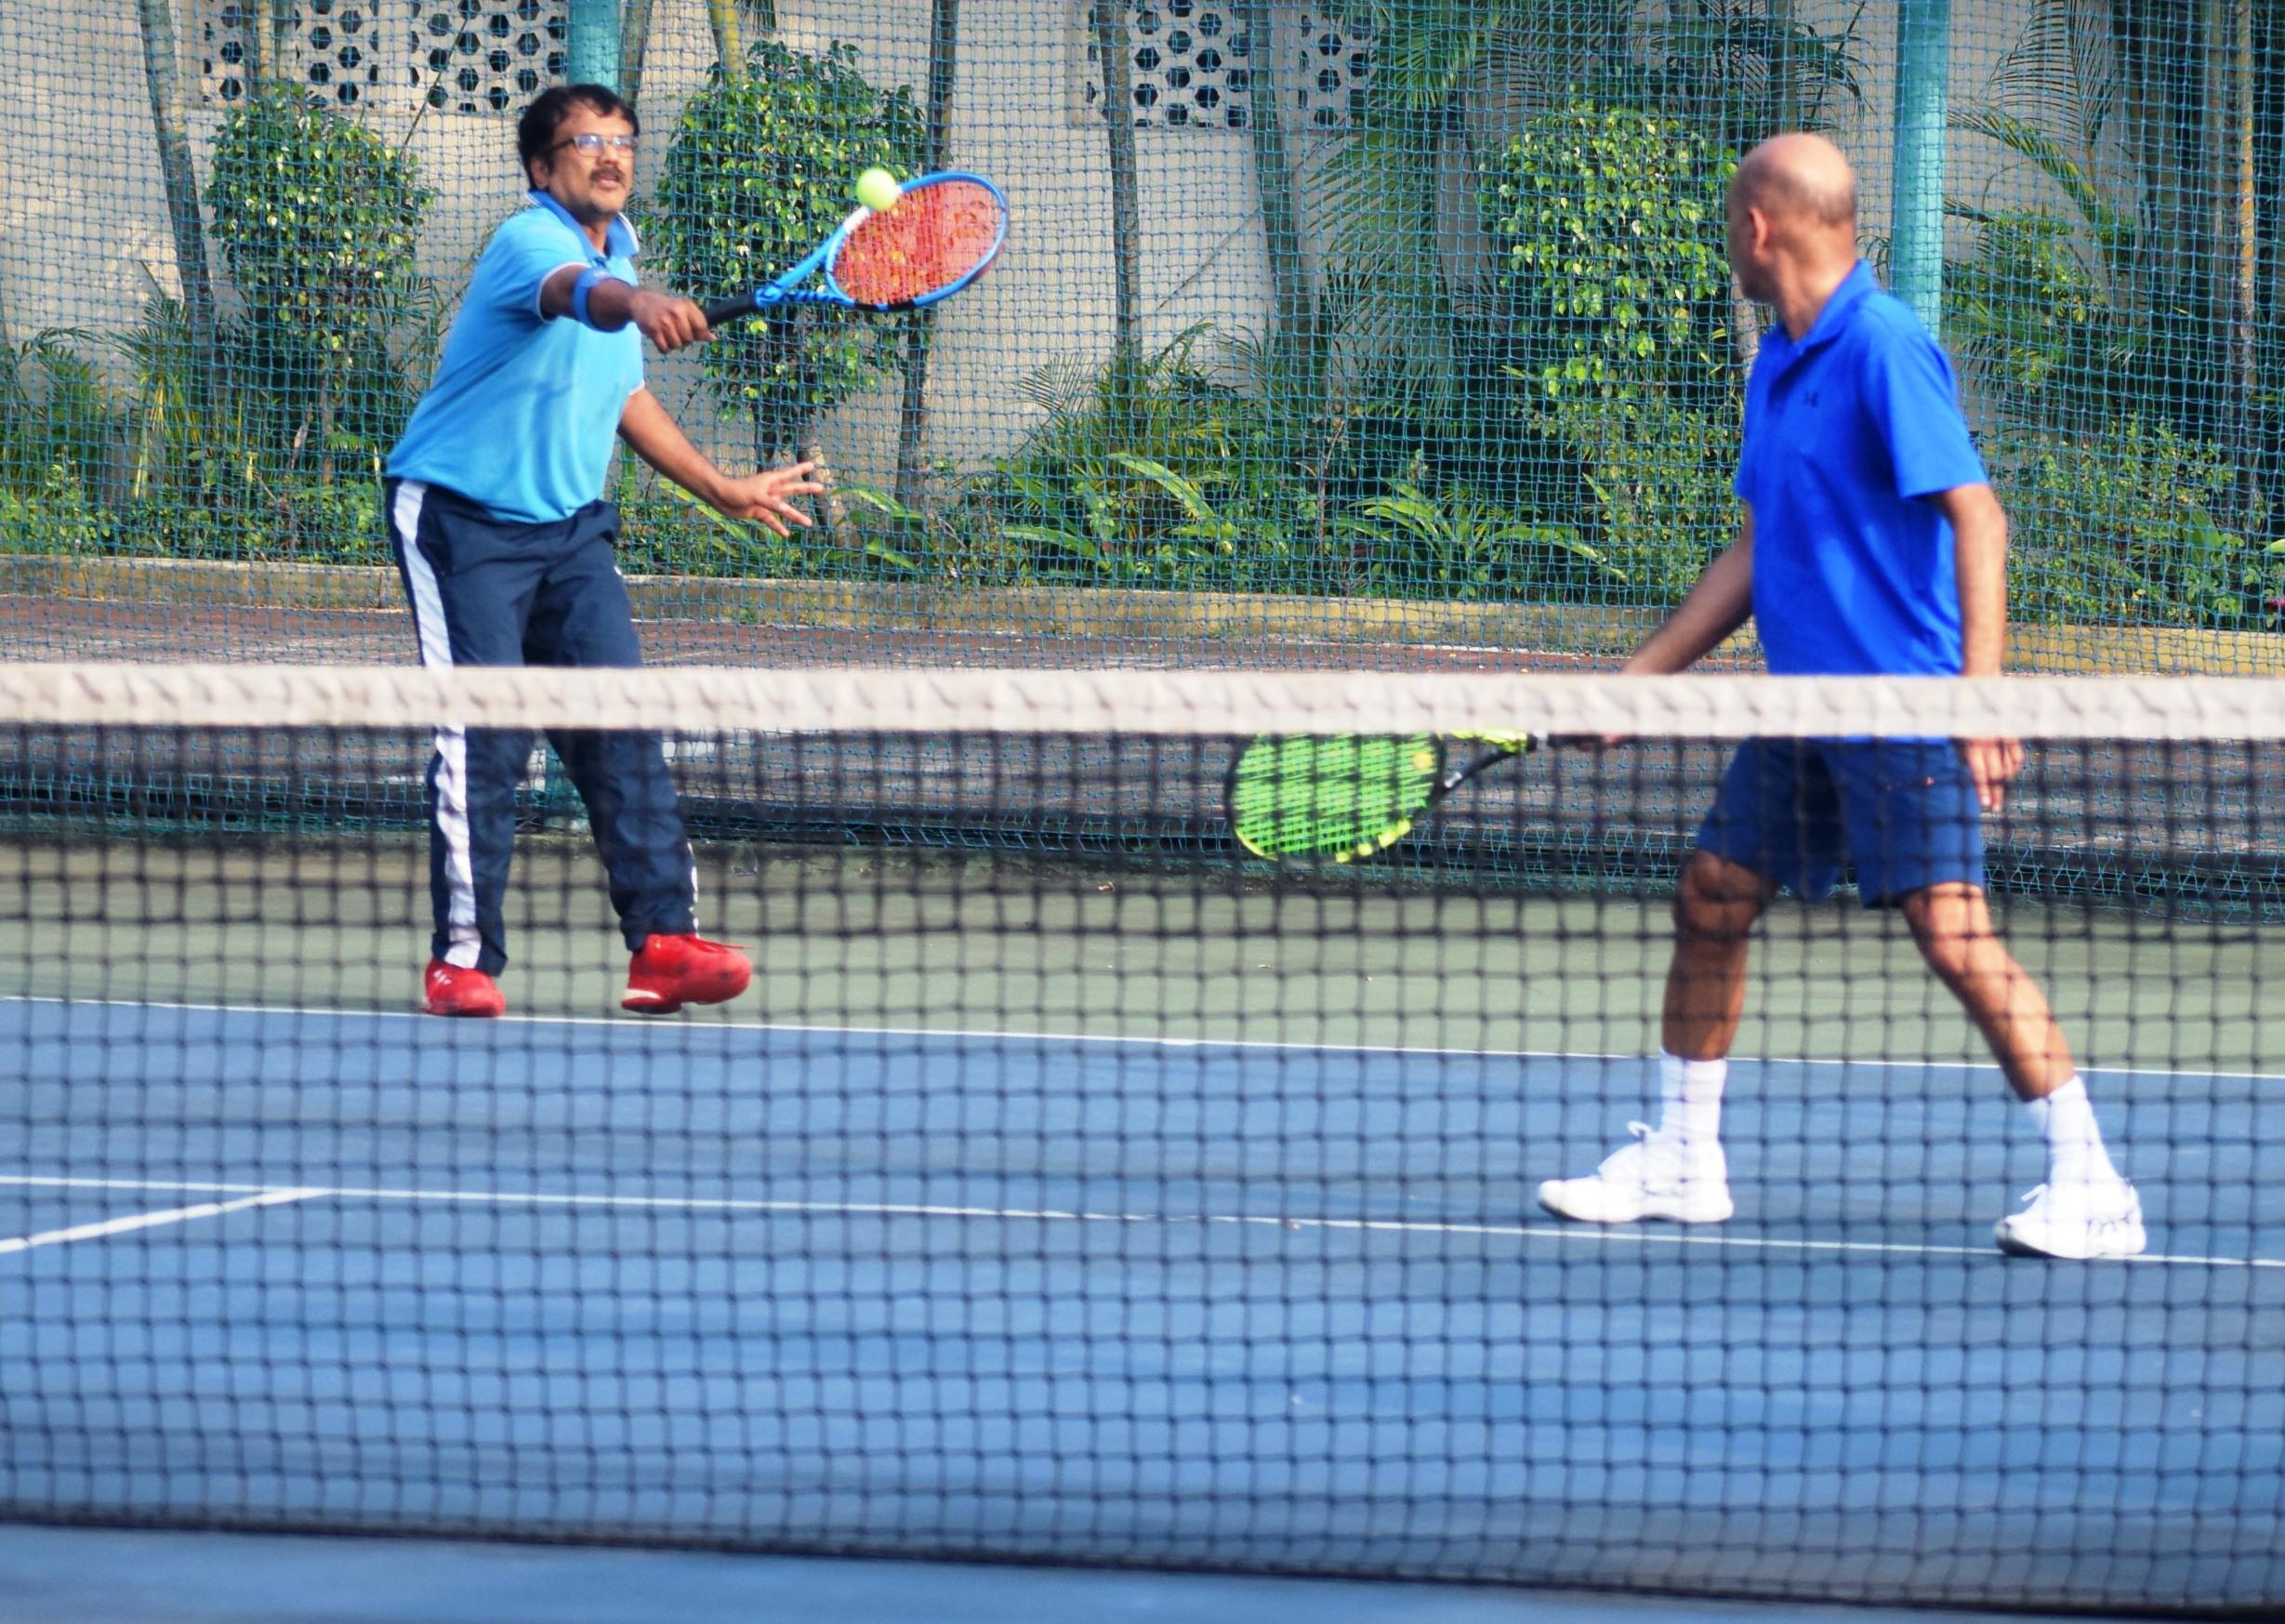 सोलारिस आंतर क्लब टेनिस अजिंक्यपद स्पर्धेत टेनिस टायगर्स,  ओडीएमटी अ , डेक्कन वॉरियर्स,  ऍडवांटेज टेनिस संघांचा विजय